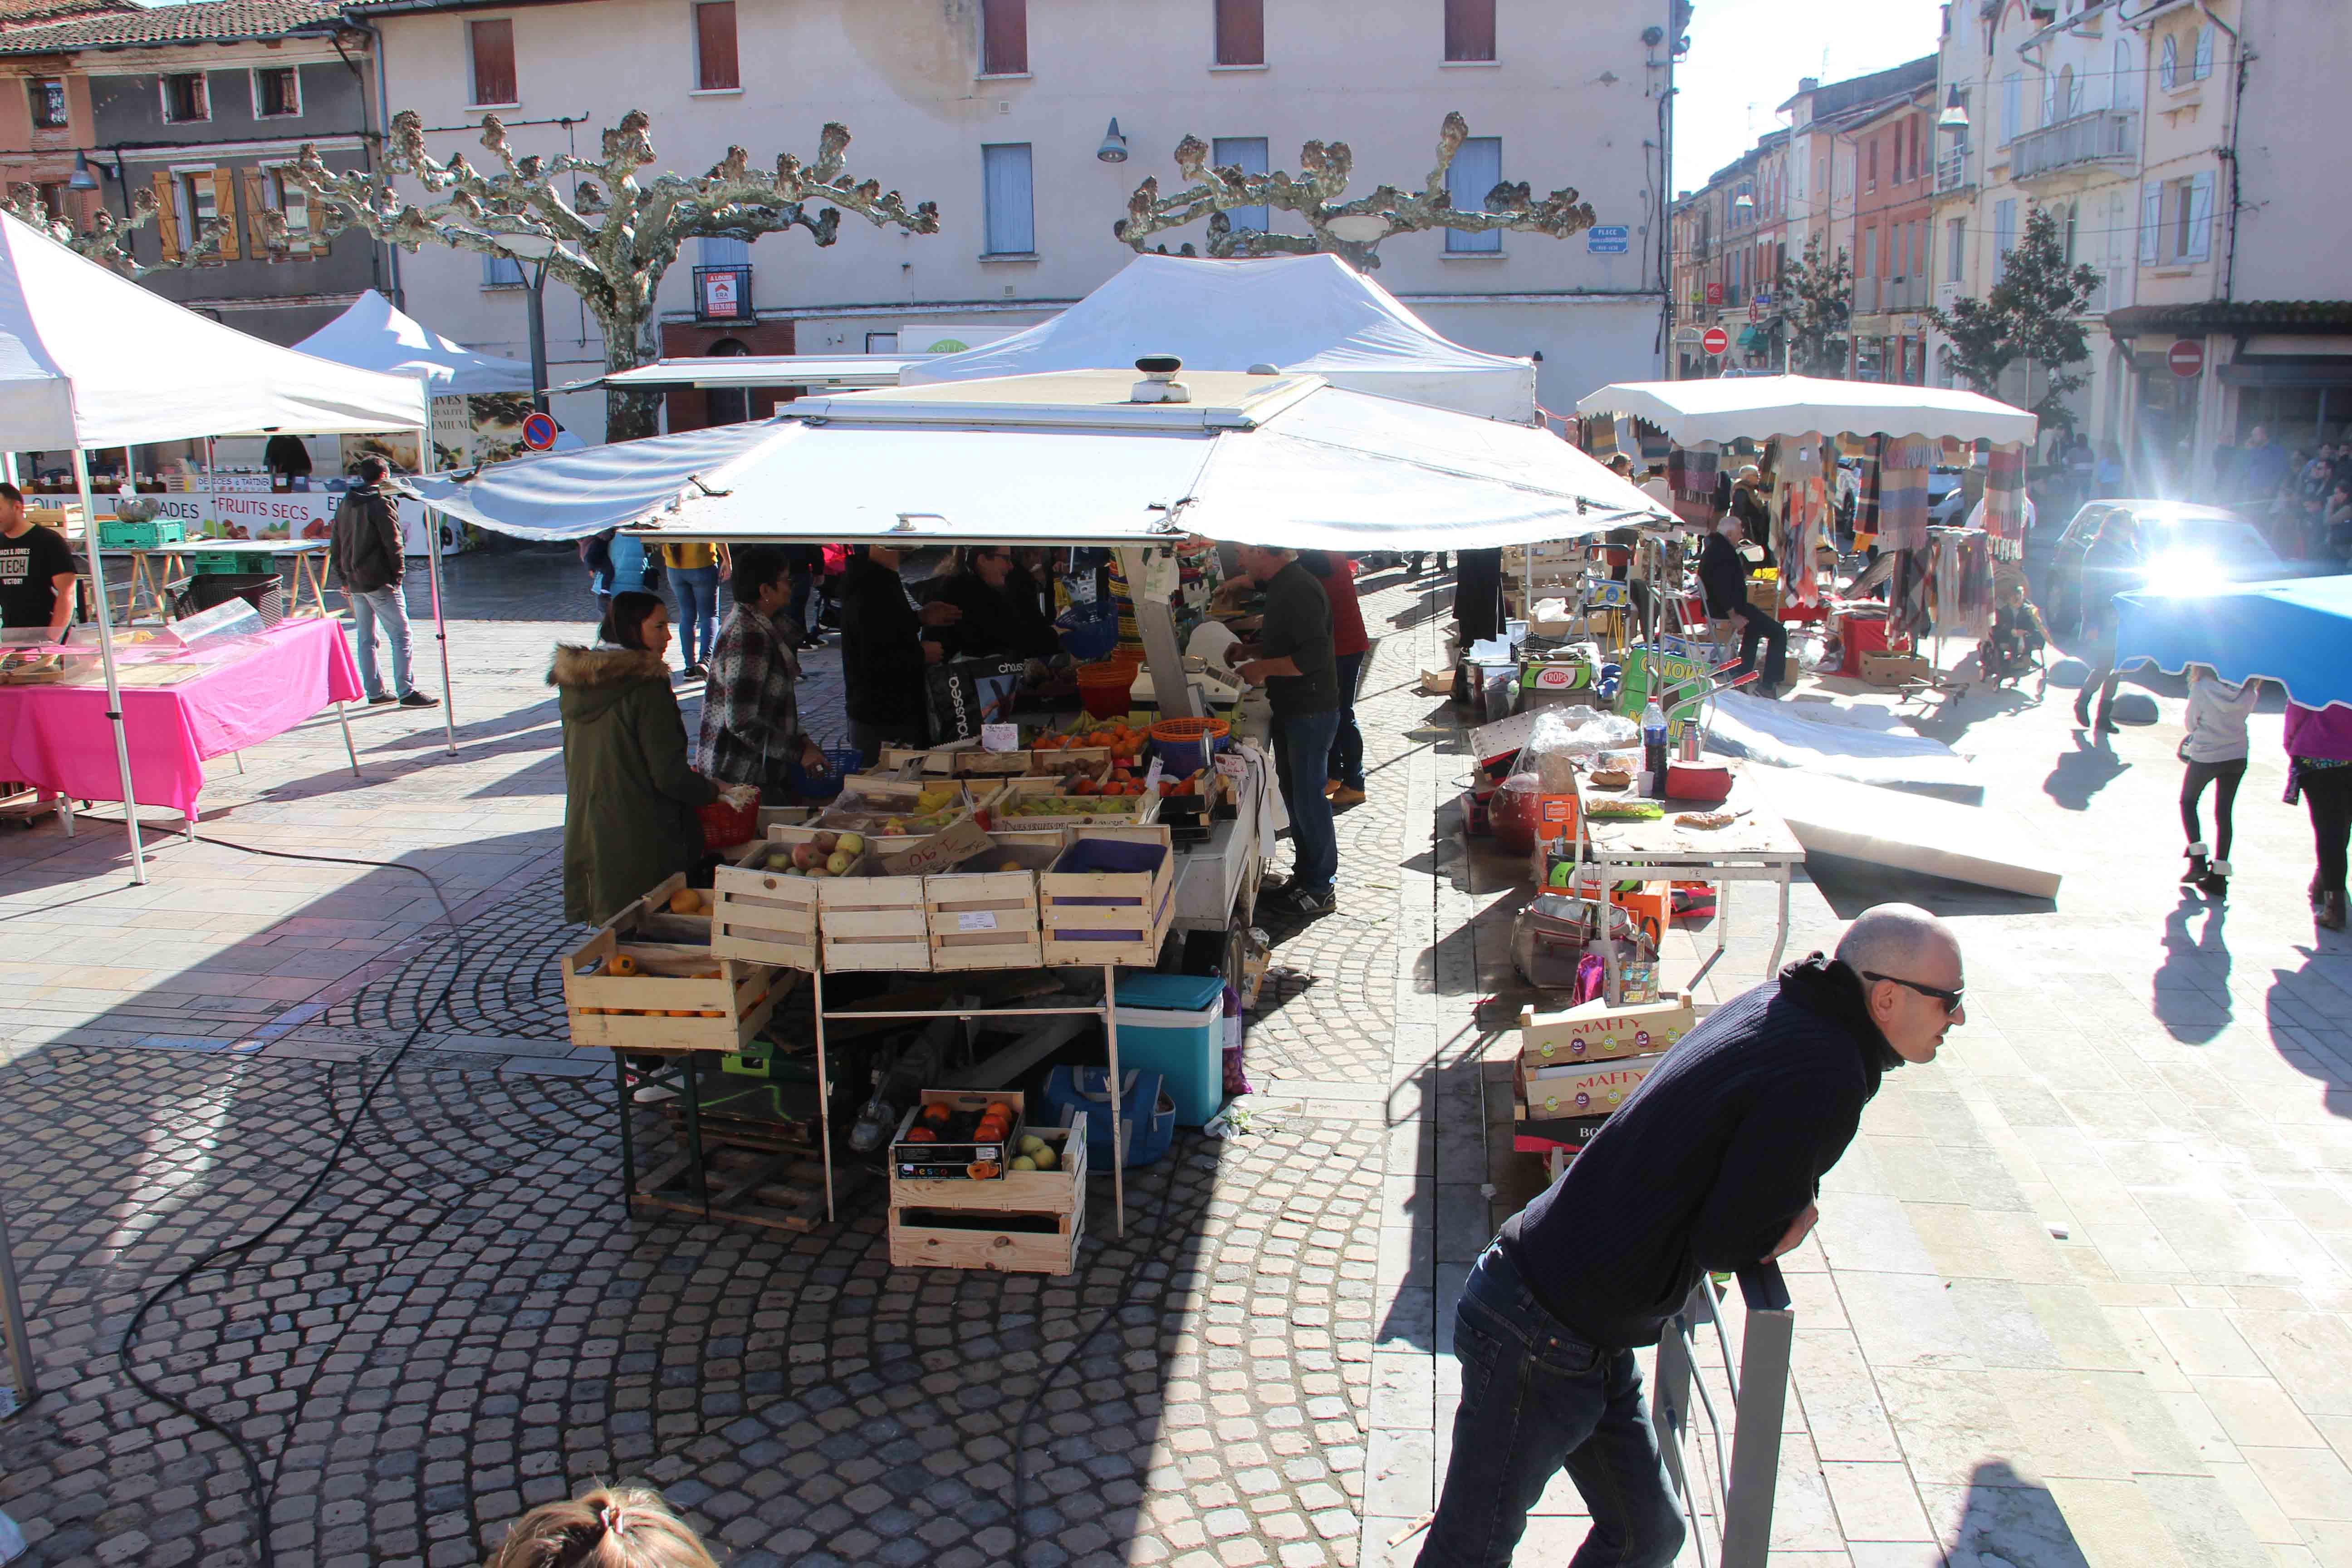 Réouverture du marché et reprise de la navette : les règles sanitaires à respecter